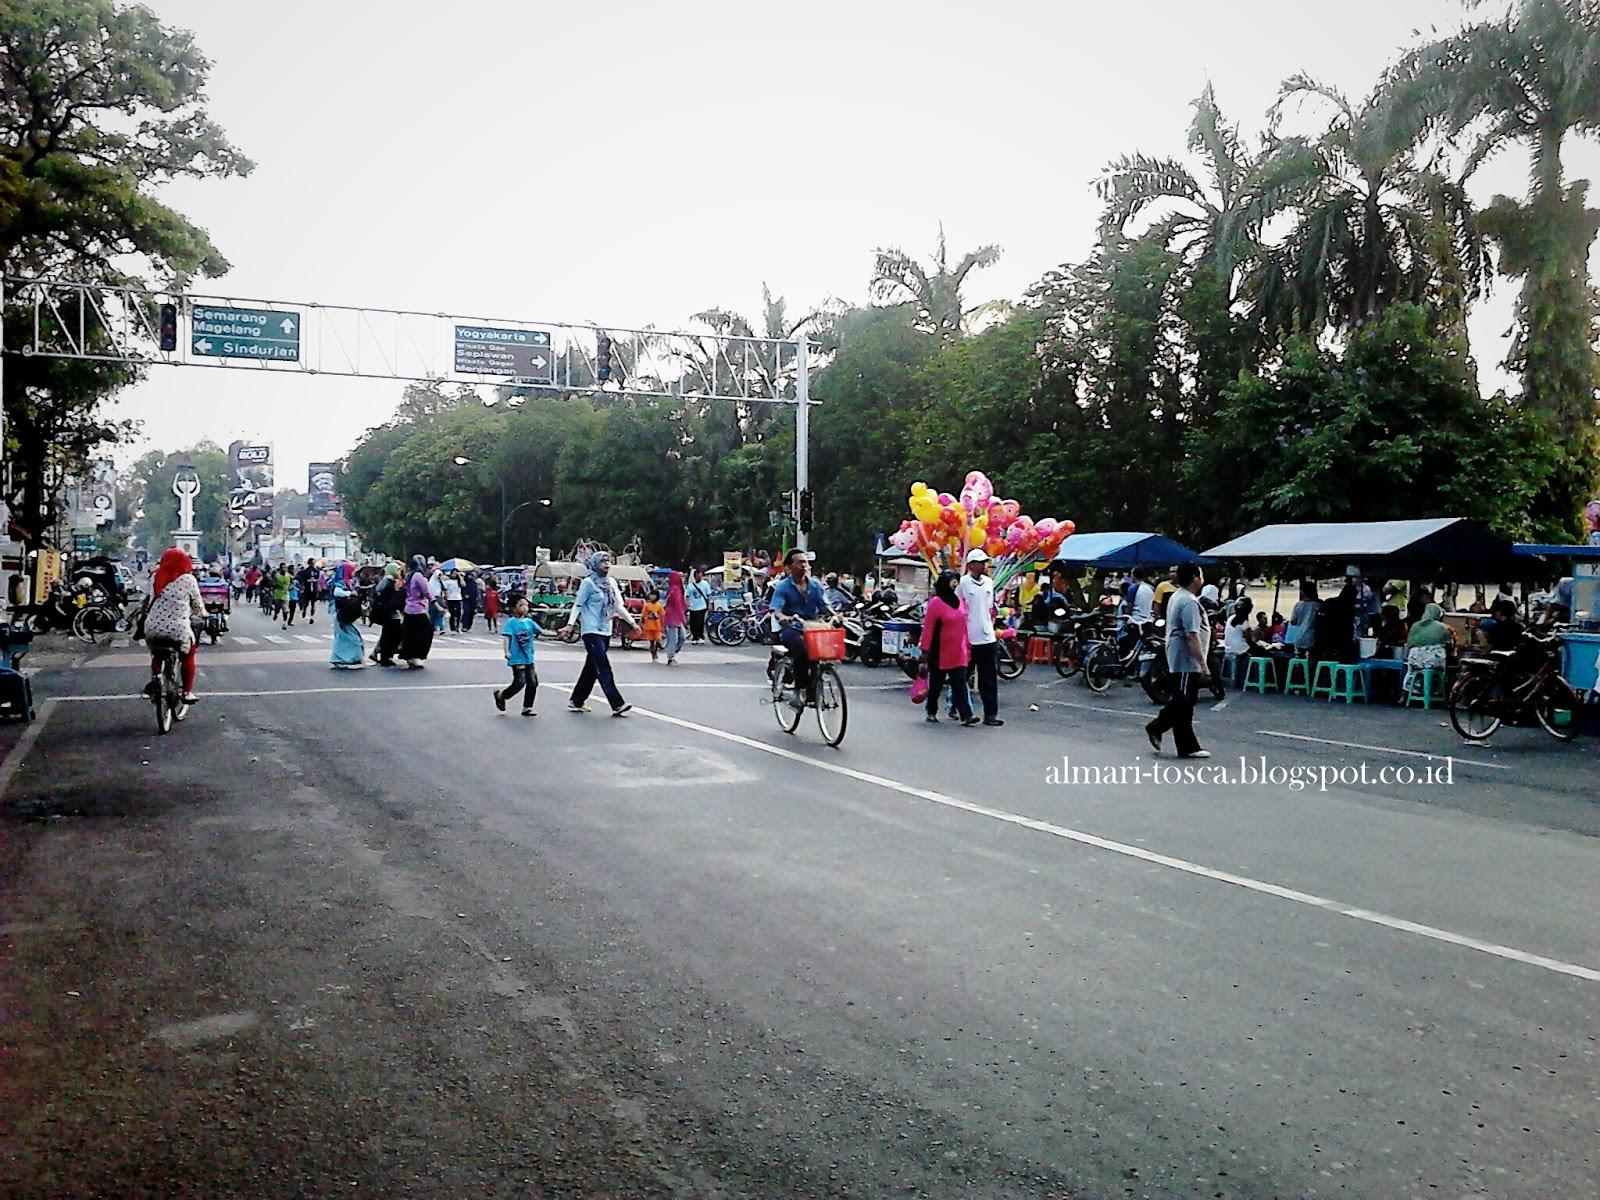 Gelar Lapak Perdana Car Free Day Cfd Kota Purworejo Almari